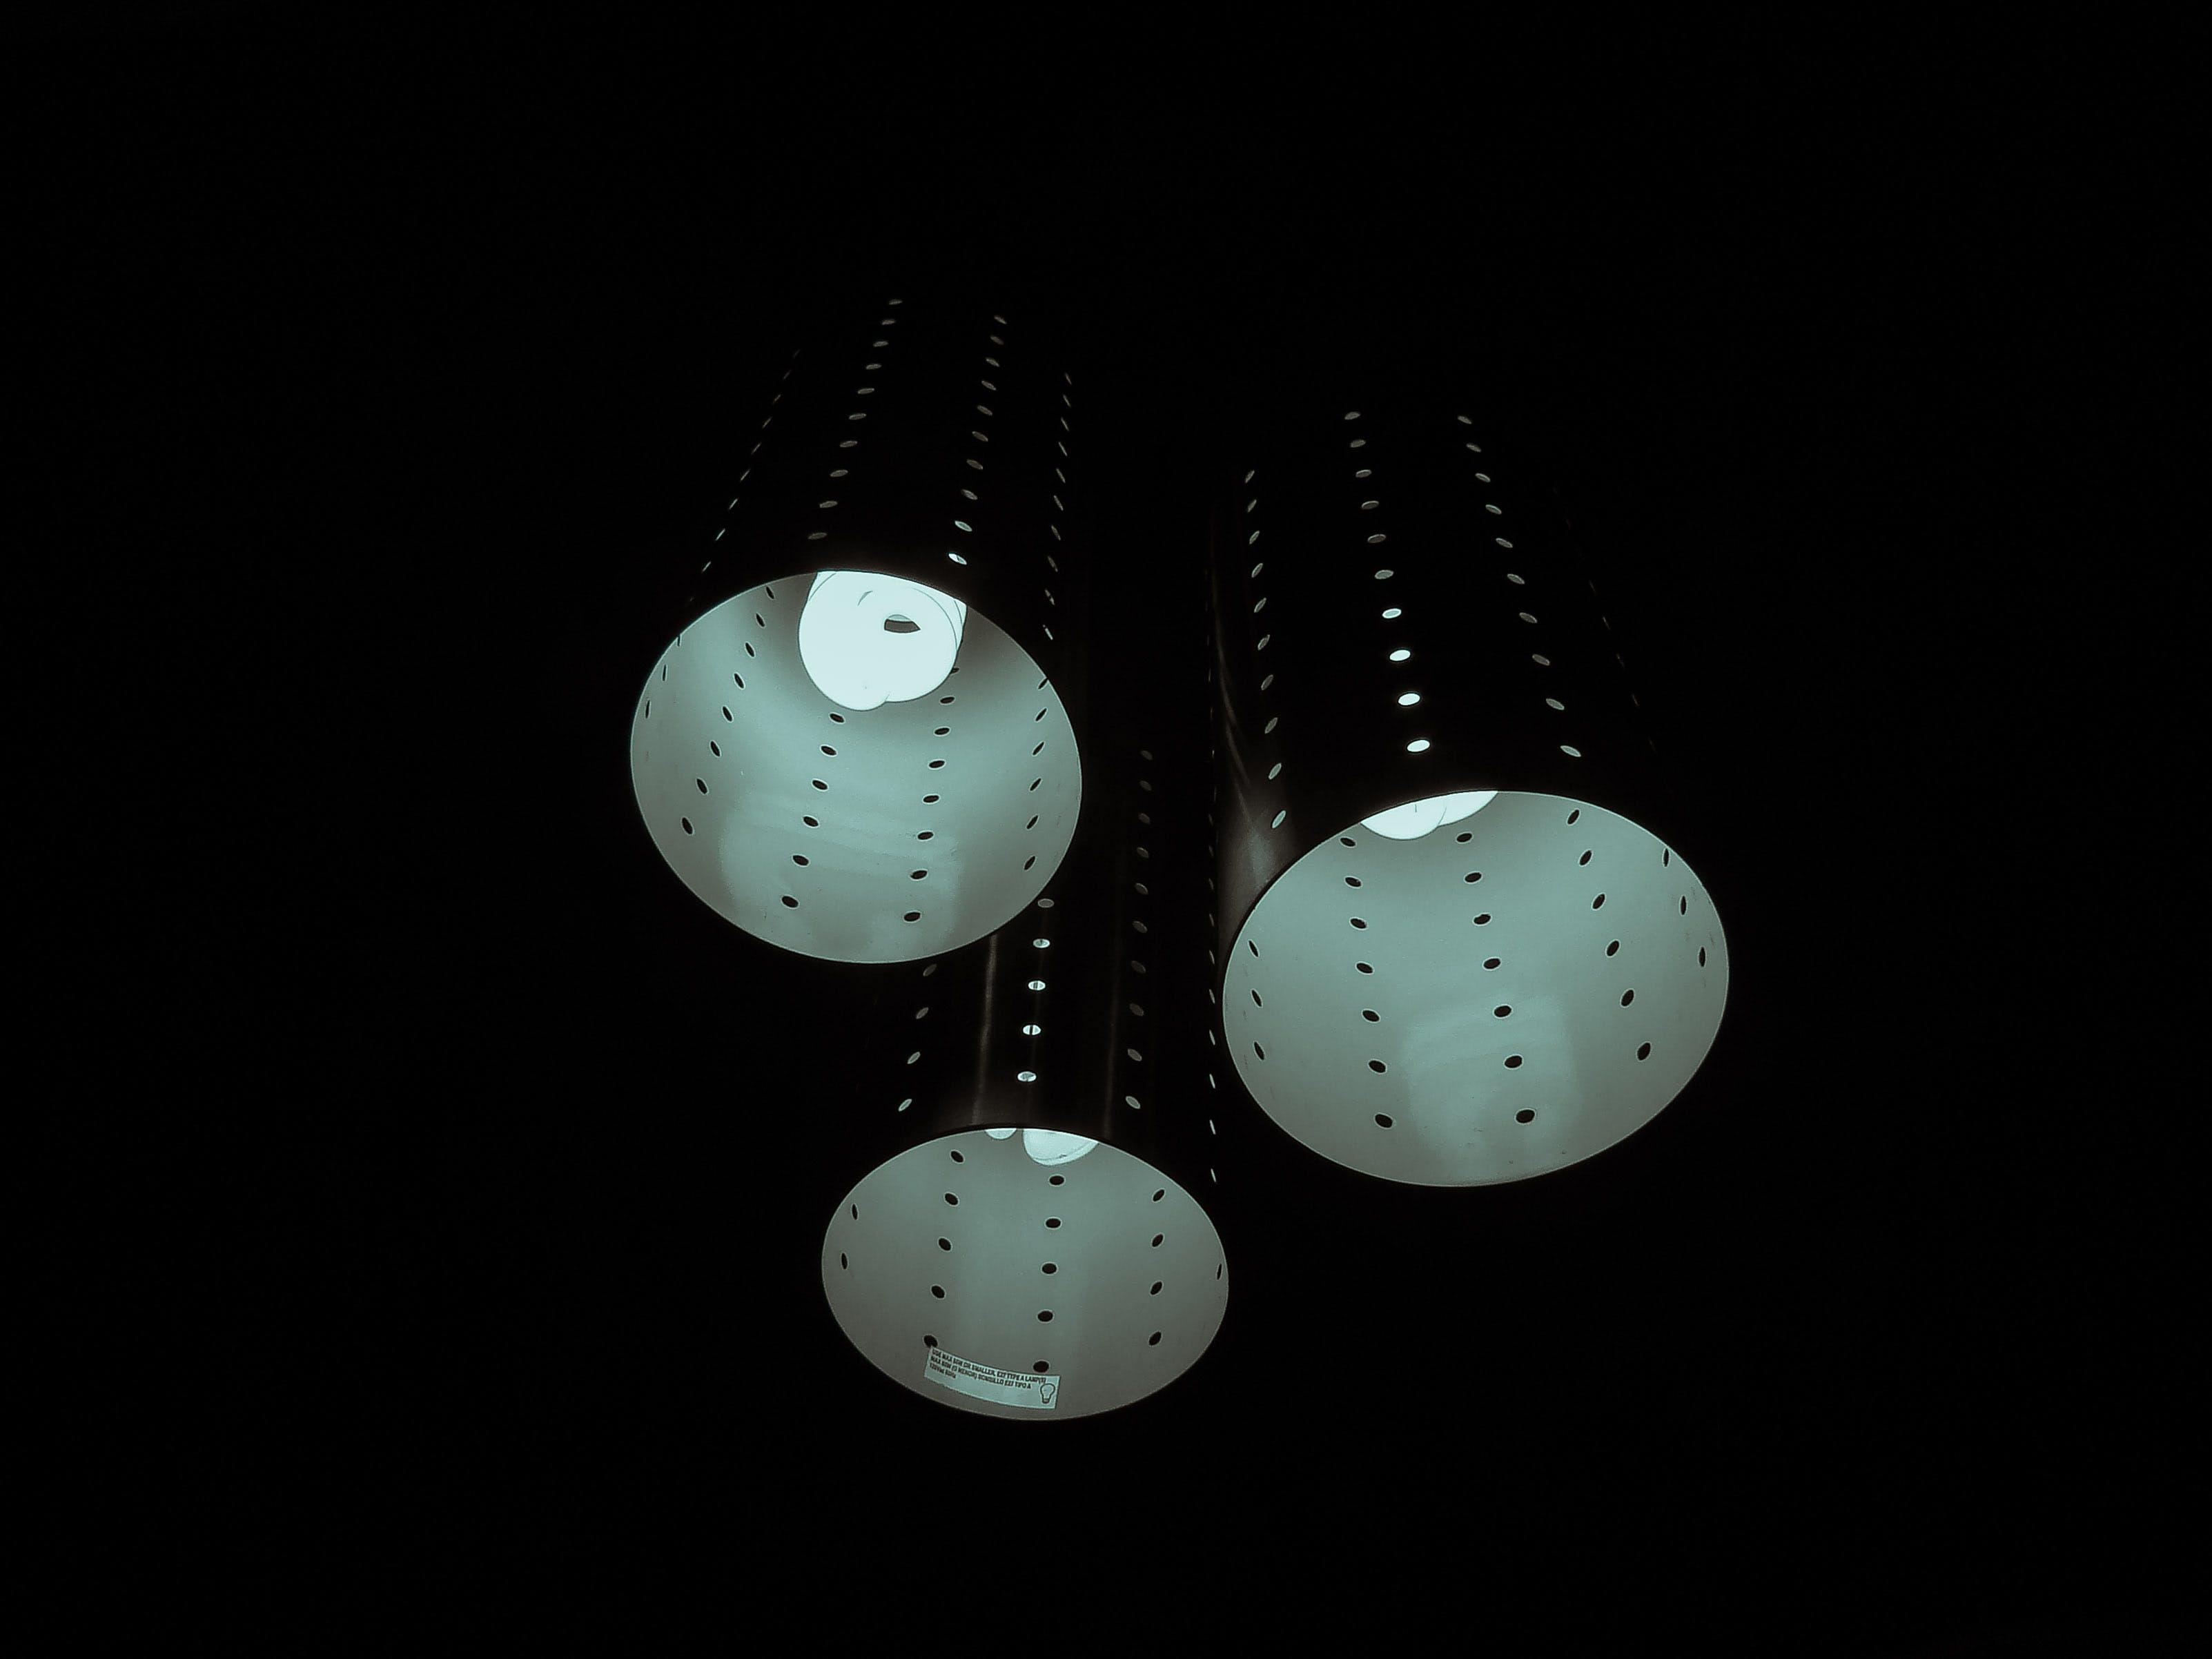 Gratis arkivbilde med lamper, lyspærer, mørk